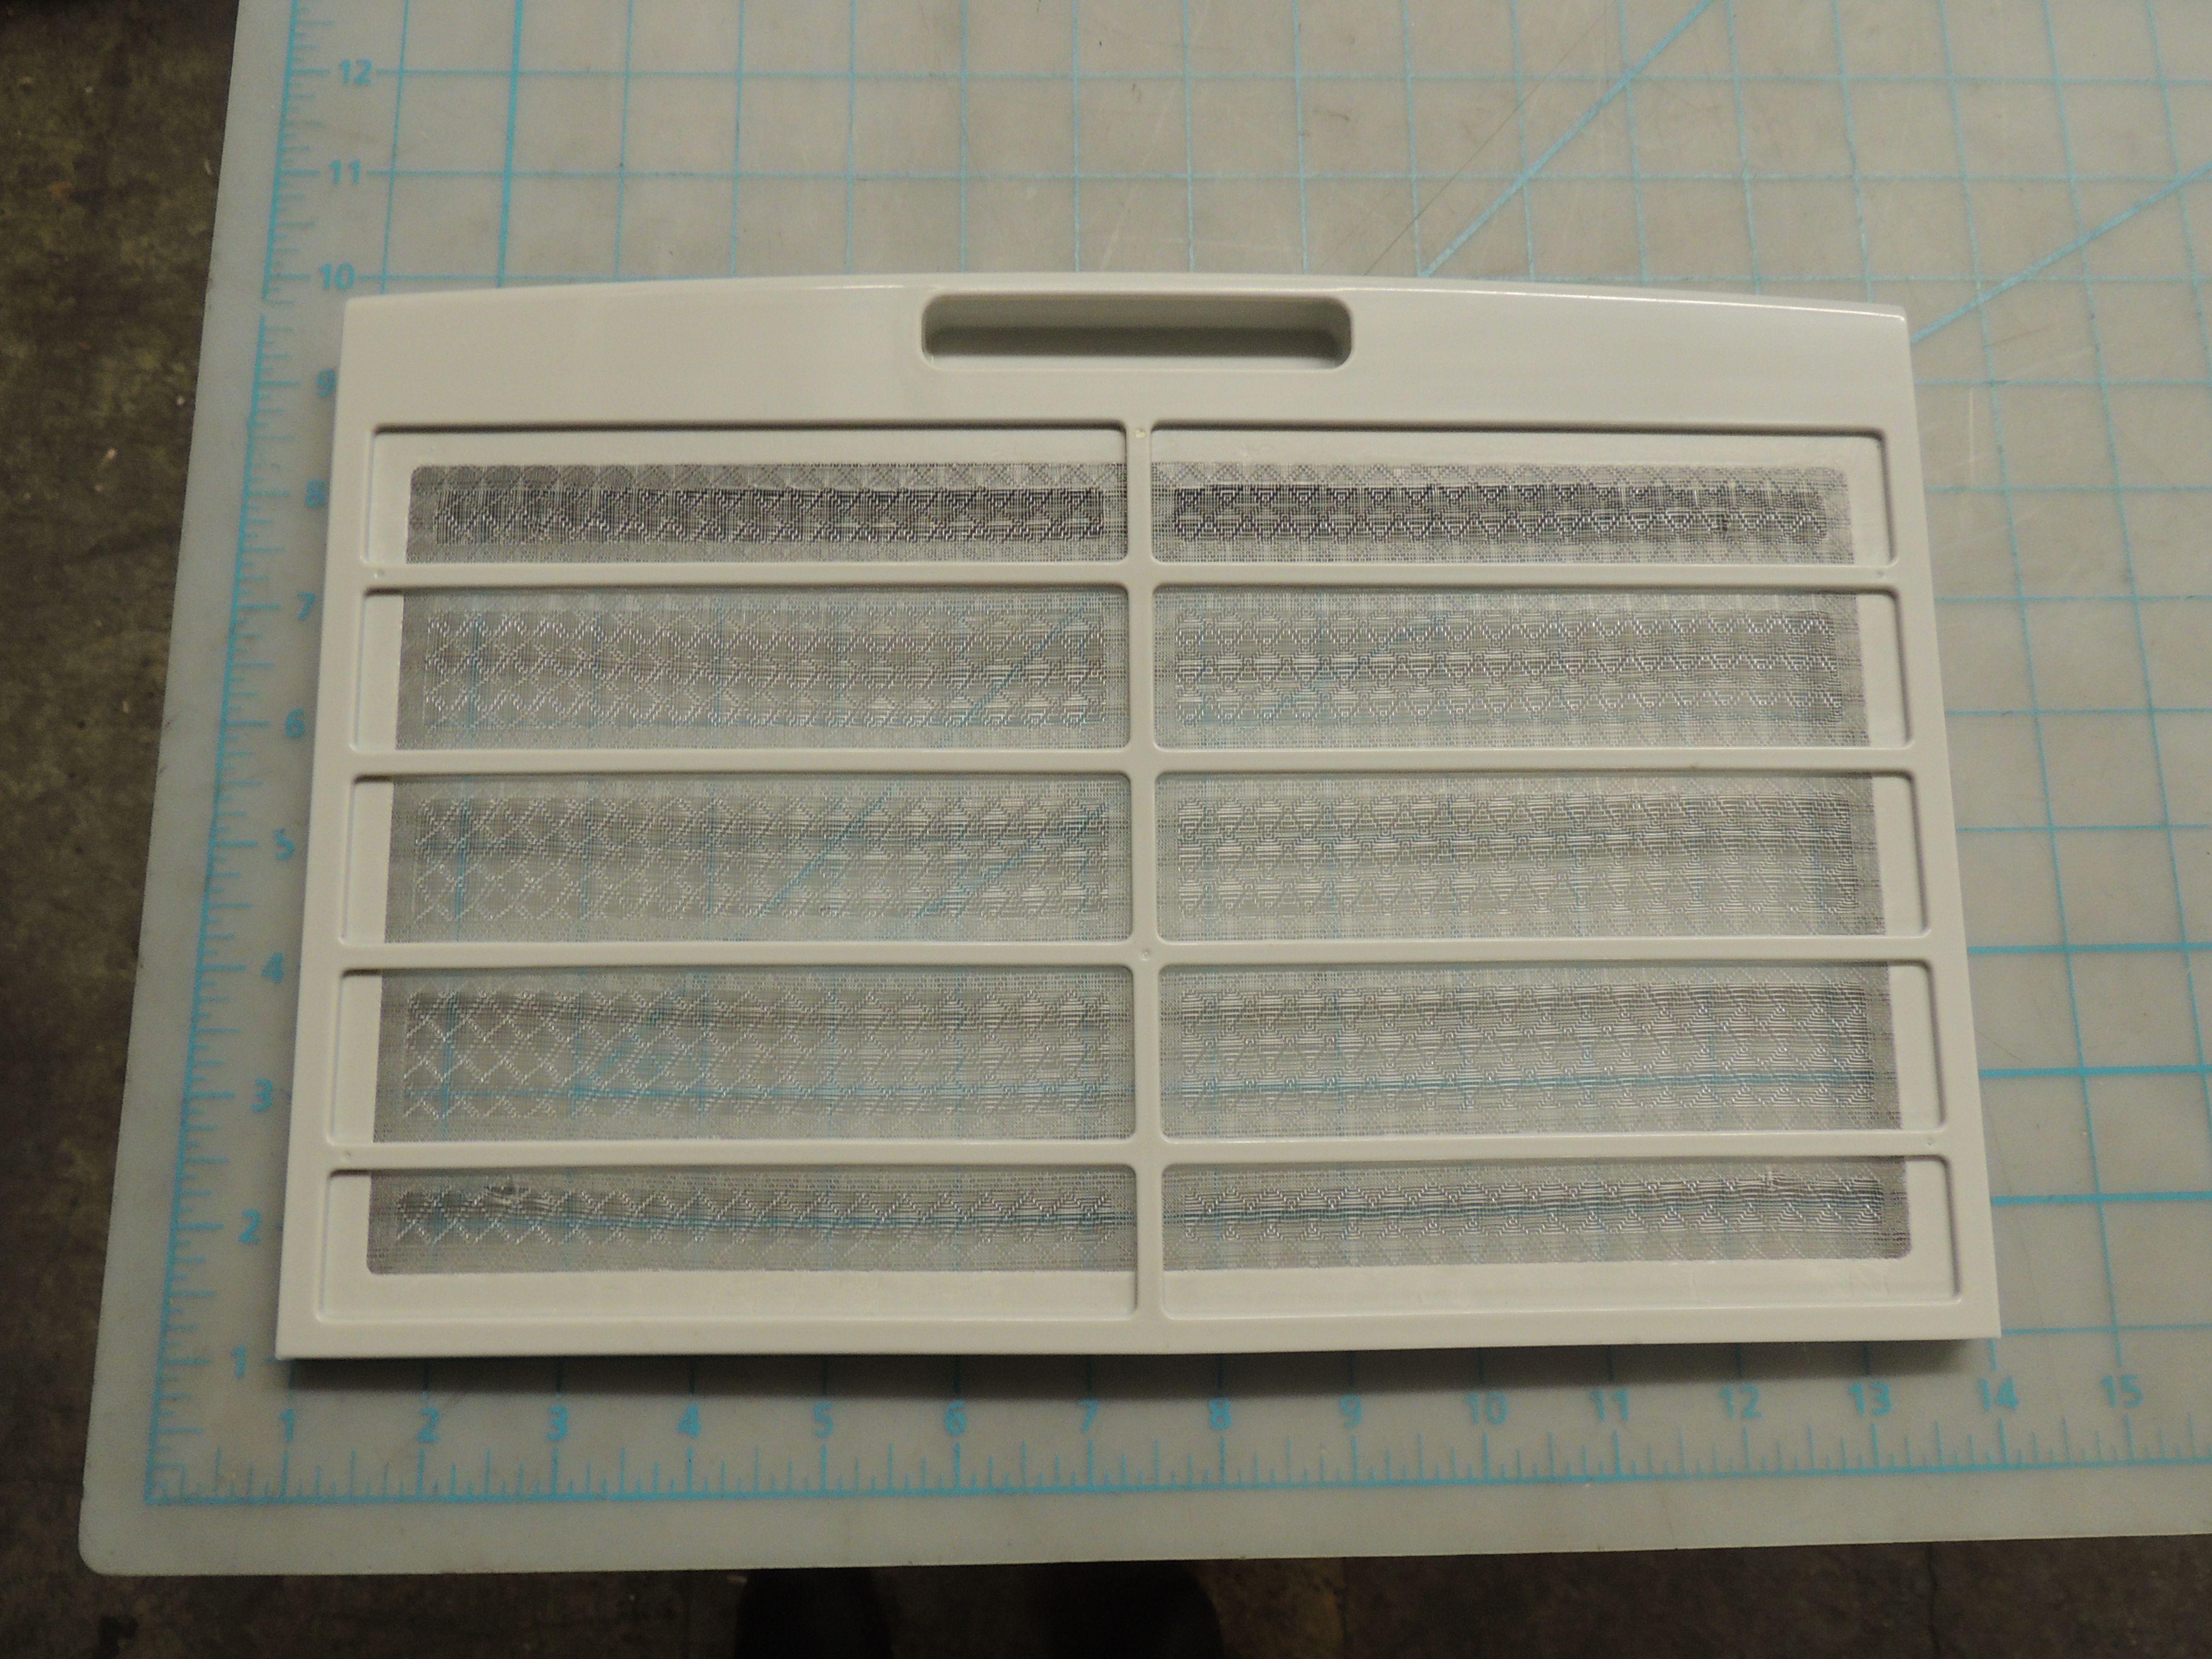 DPAC5009 AIR FILTER(INDOOR)